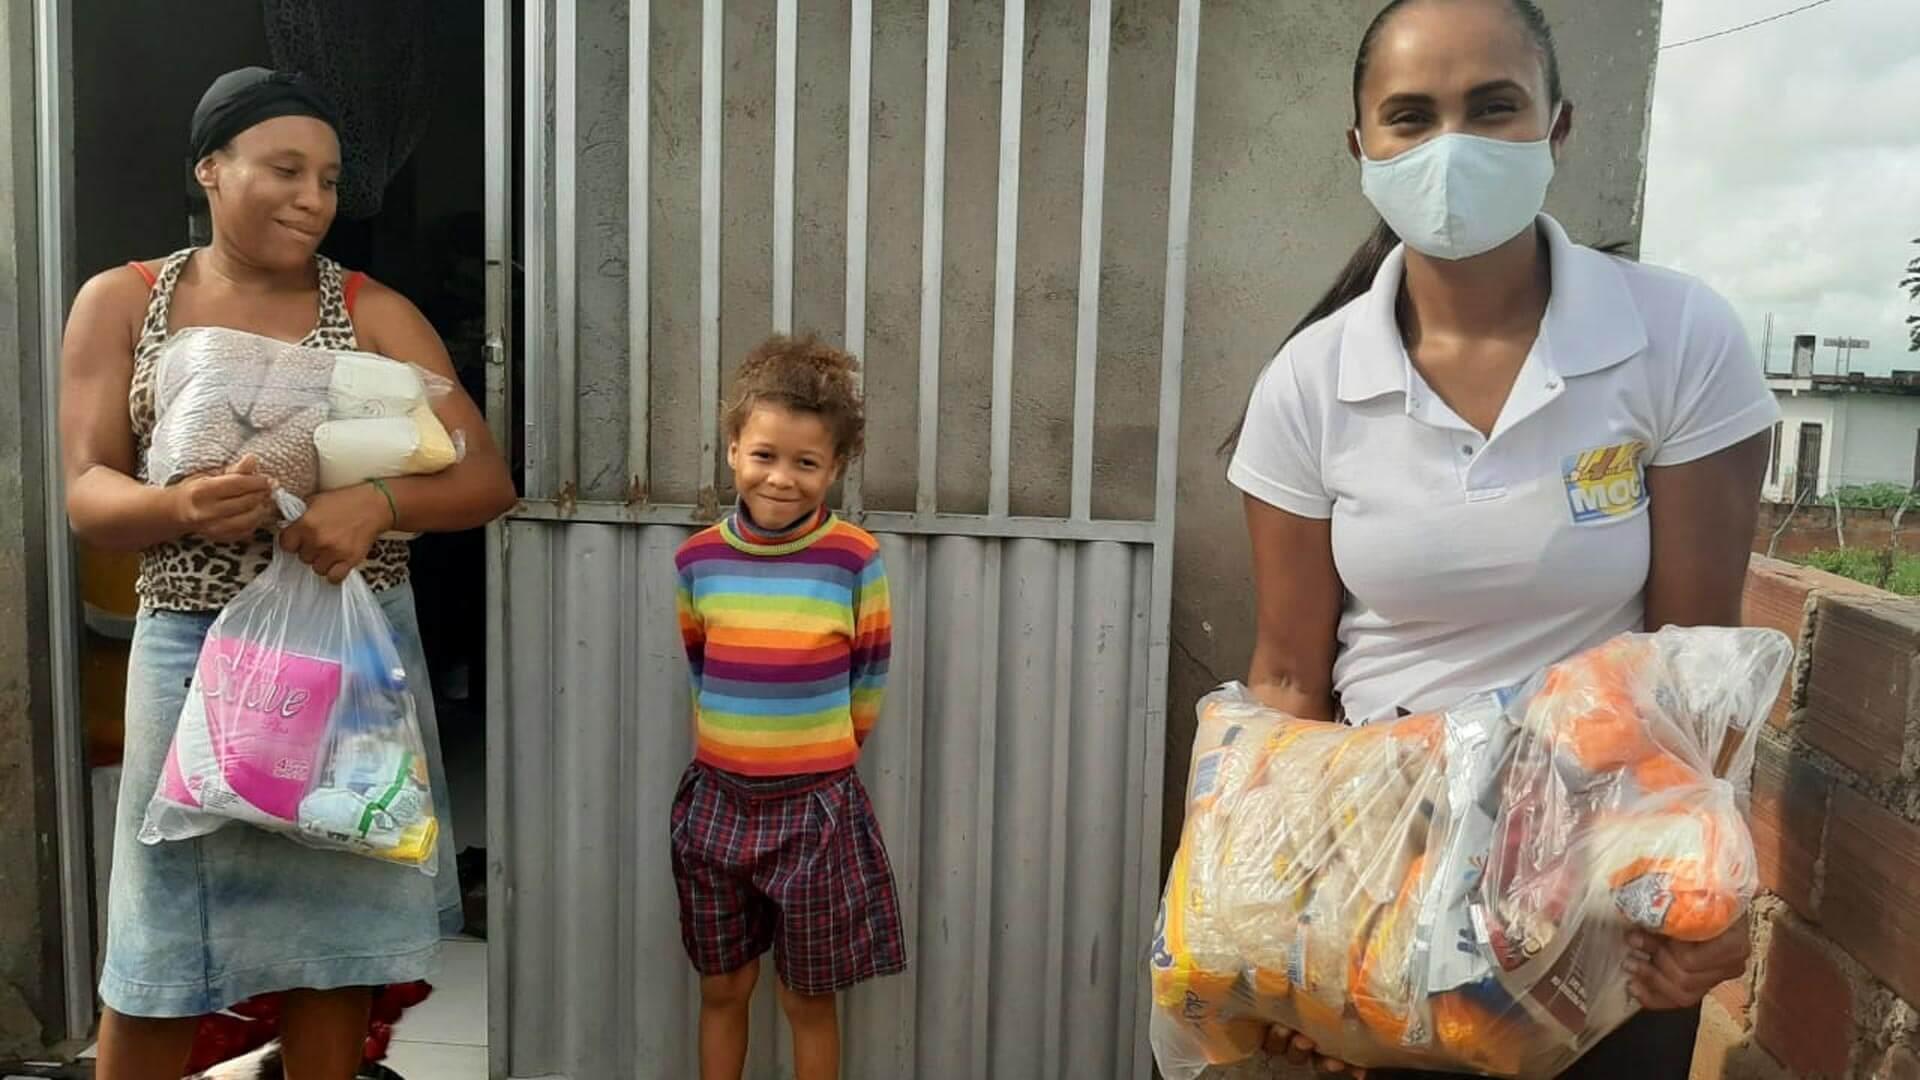 Na Bahia, o MOC, entidade parceira da ActionAid, já atendeu mais de mil famílias com distribuição de cestas com alimentos agroecológicos, kits de higiene e máscaras de proteção (Foto: MOC)